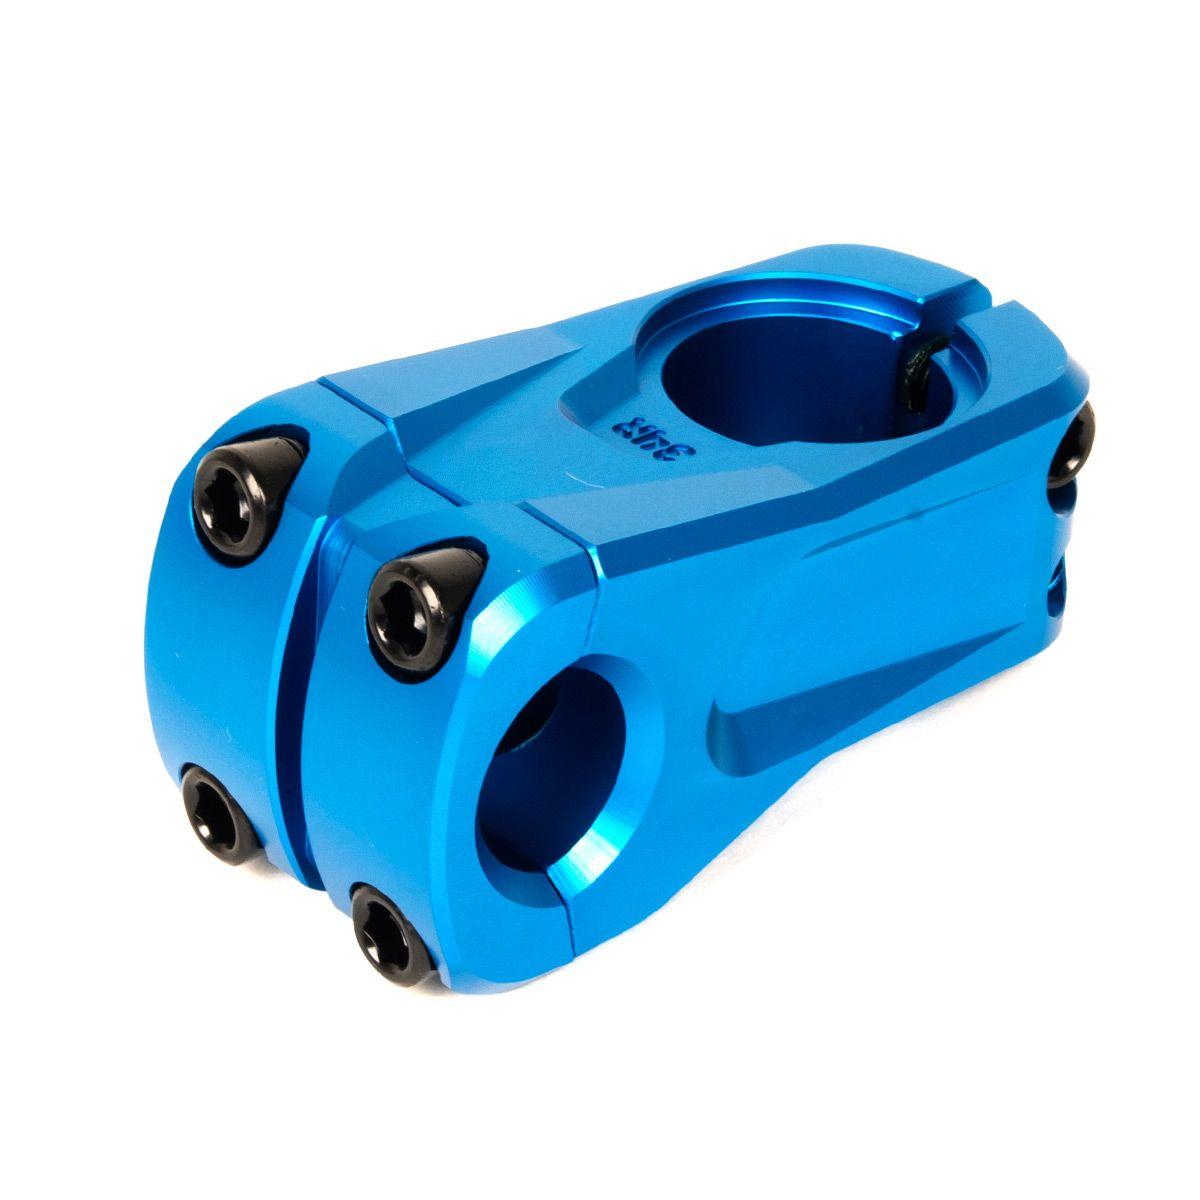 Představec BMX 34R ORTO FL STEM modrý matný